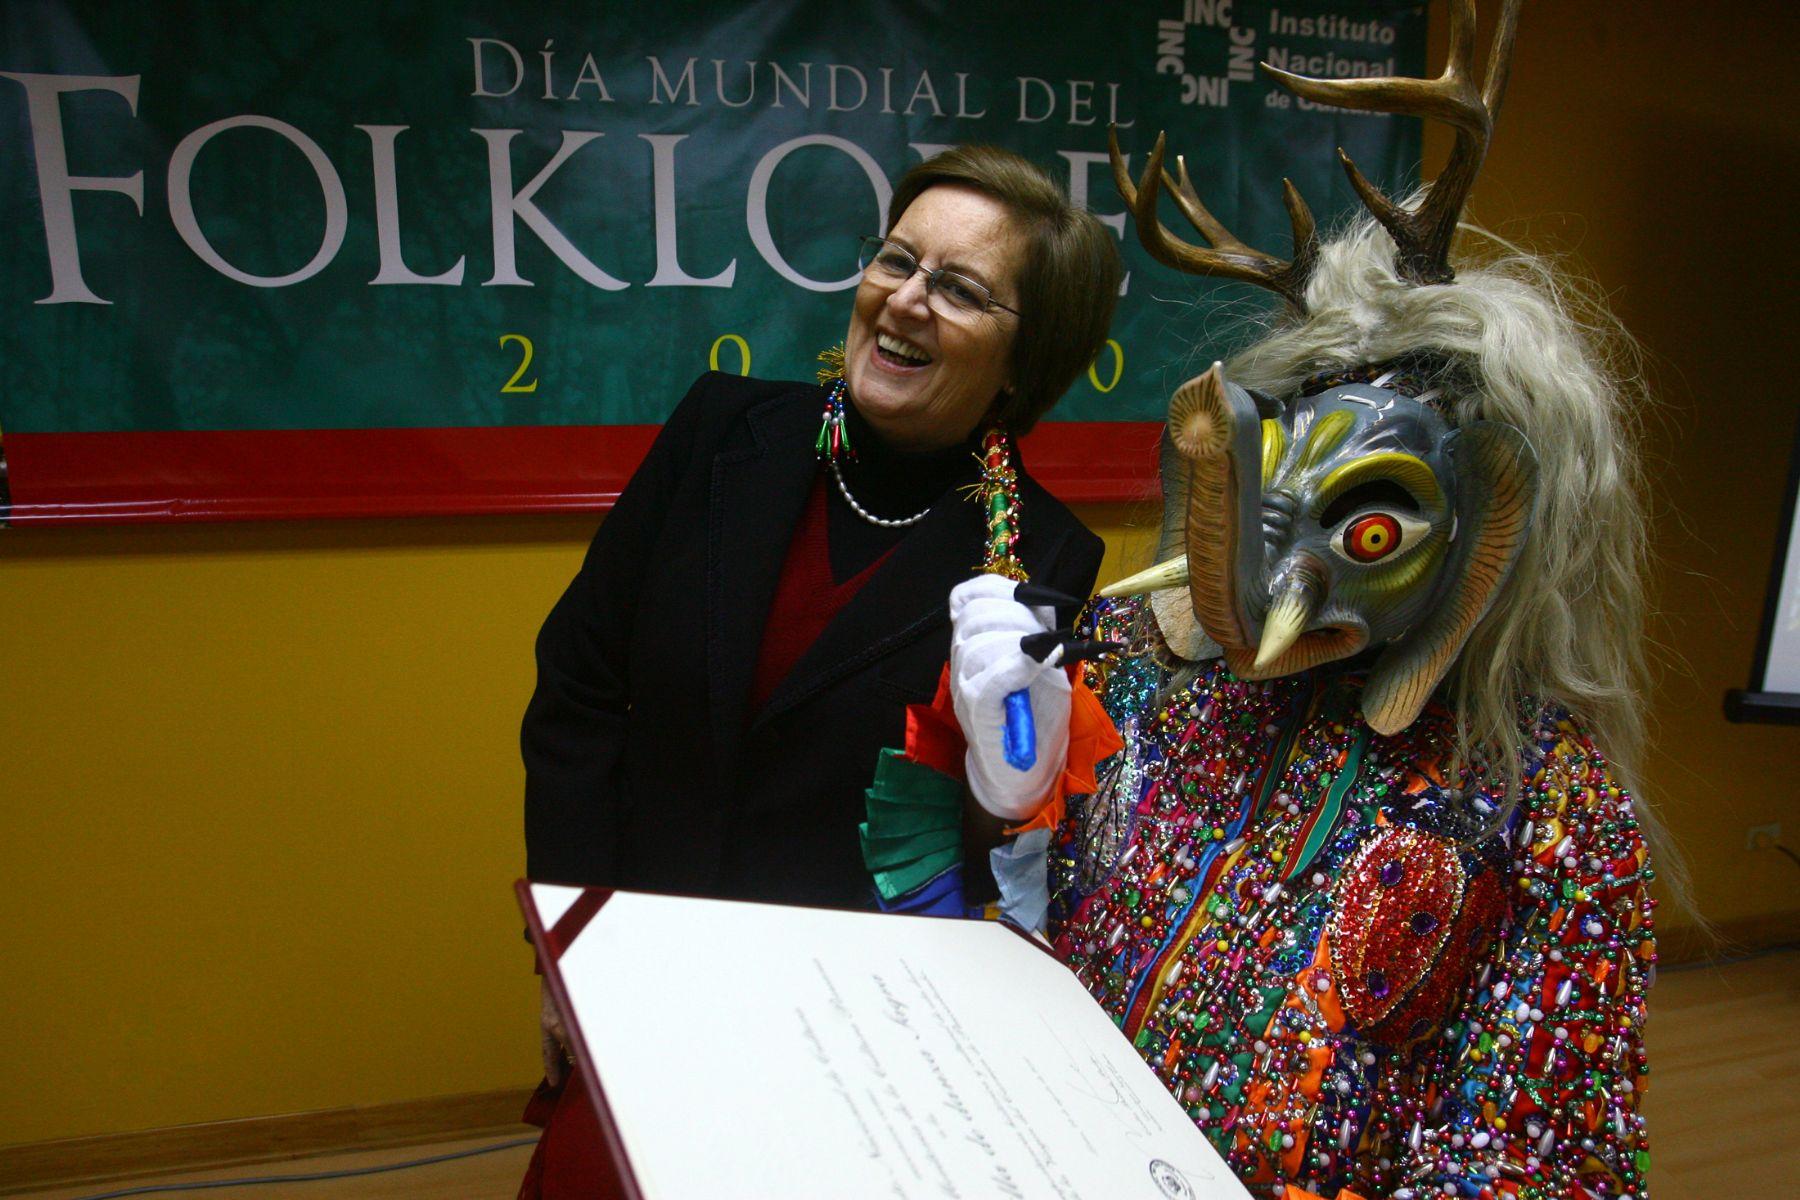 Dia Mundial del Folklore, en el Museo de la Nación Foto: ANDINA/Cesar García